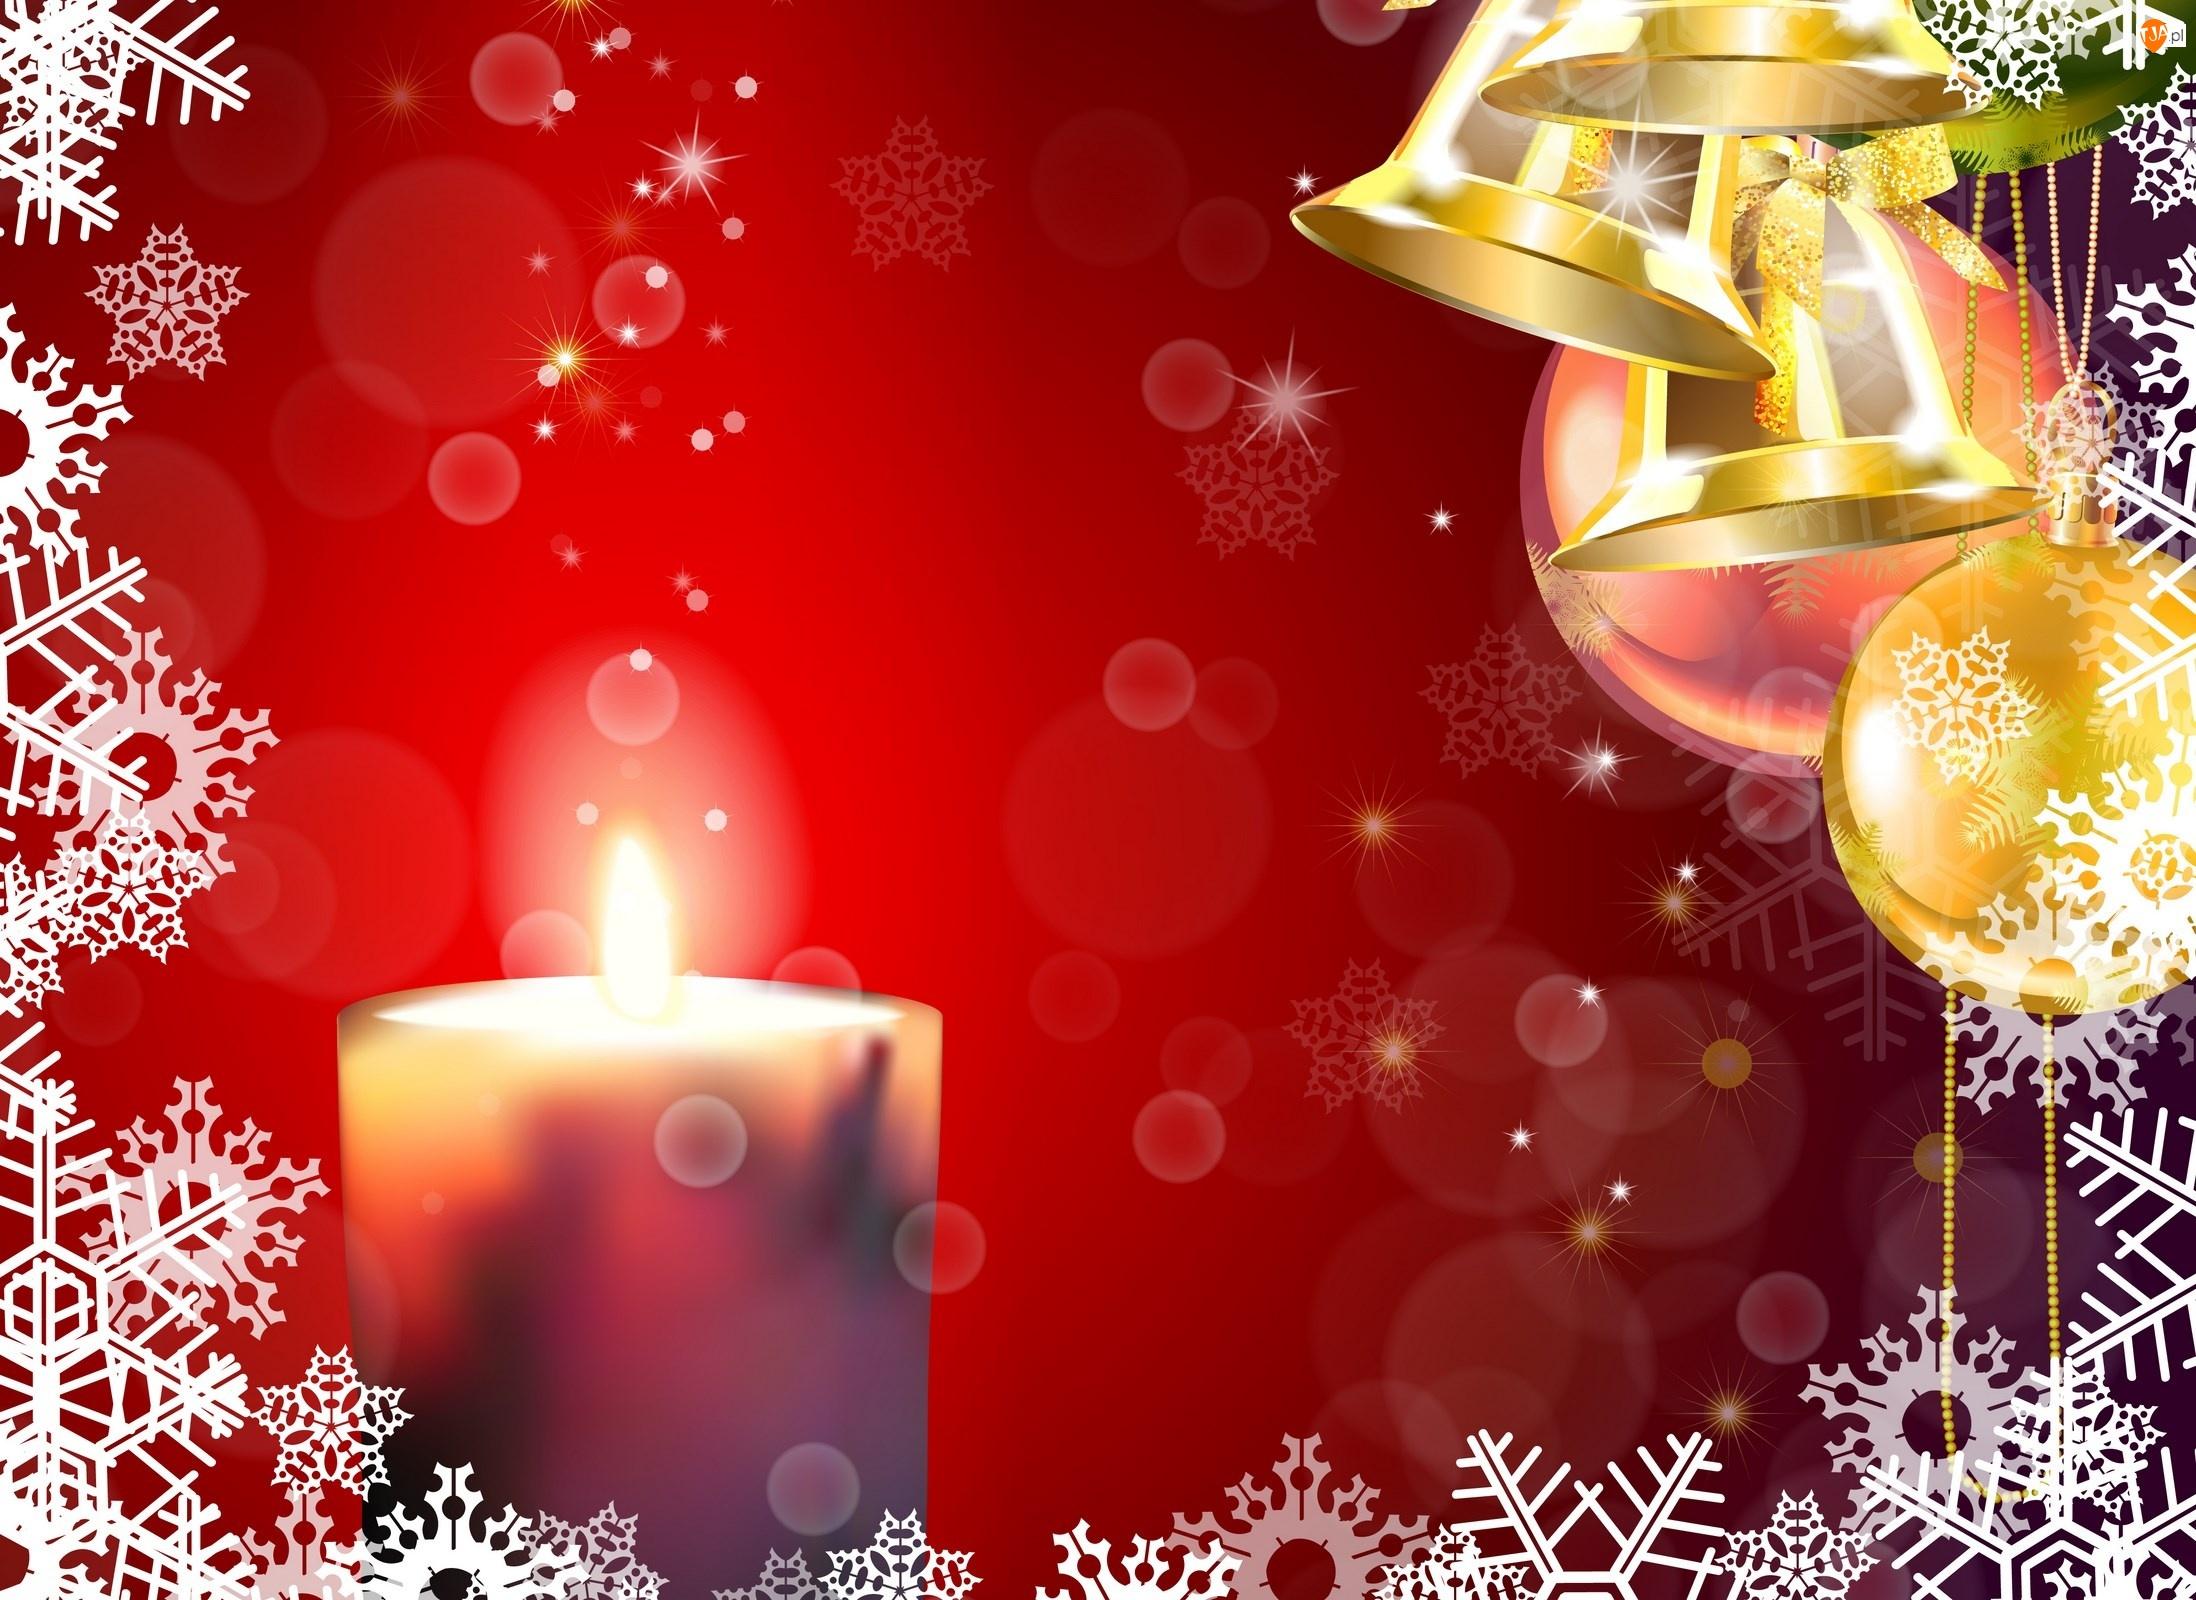 Bombki, Dekoracja, Grafika 2D, Świąteczna, Świeca, Dzwonki